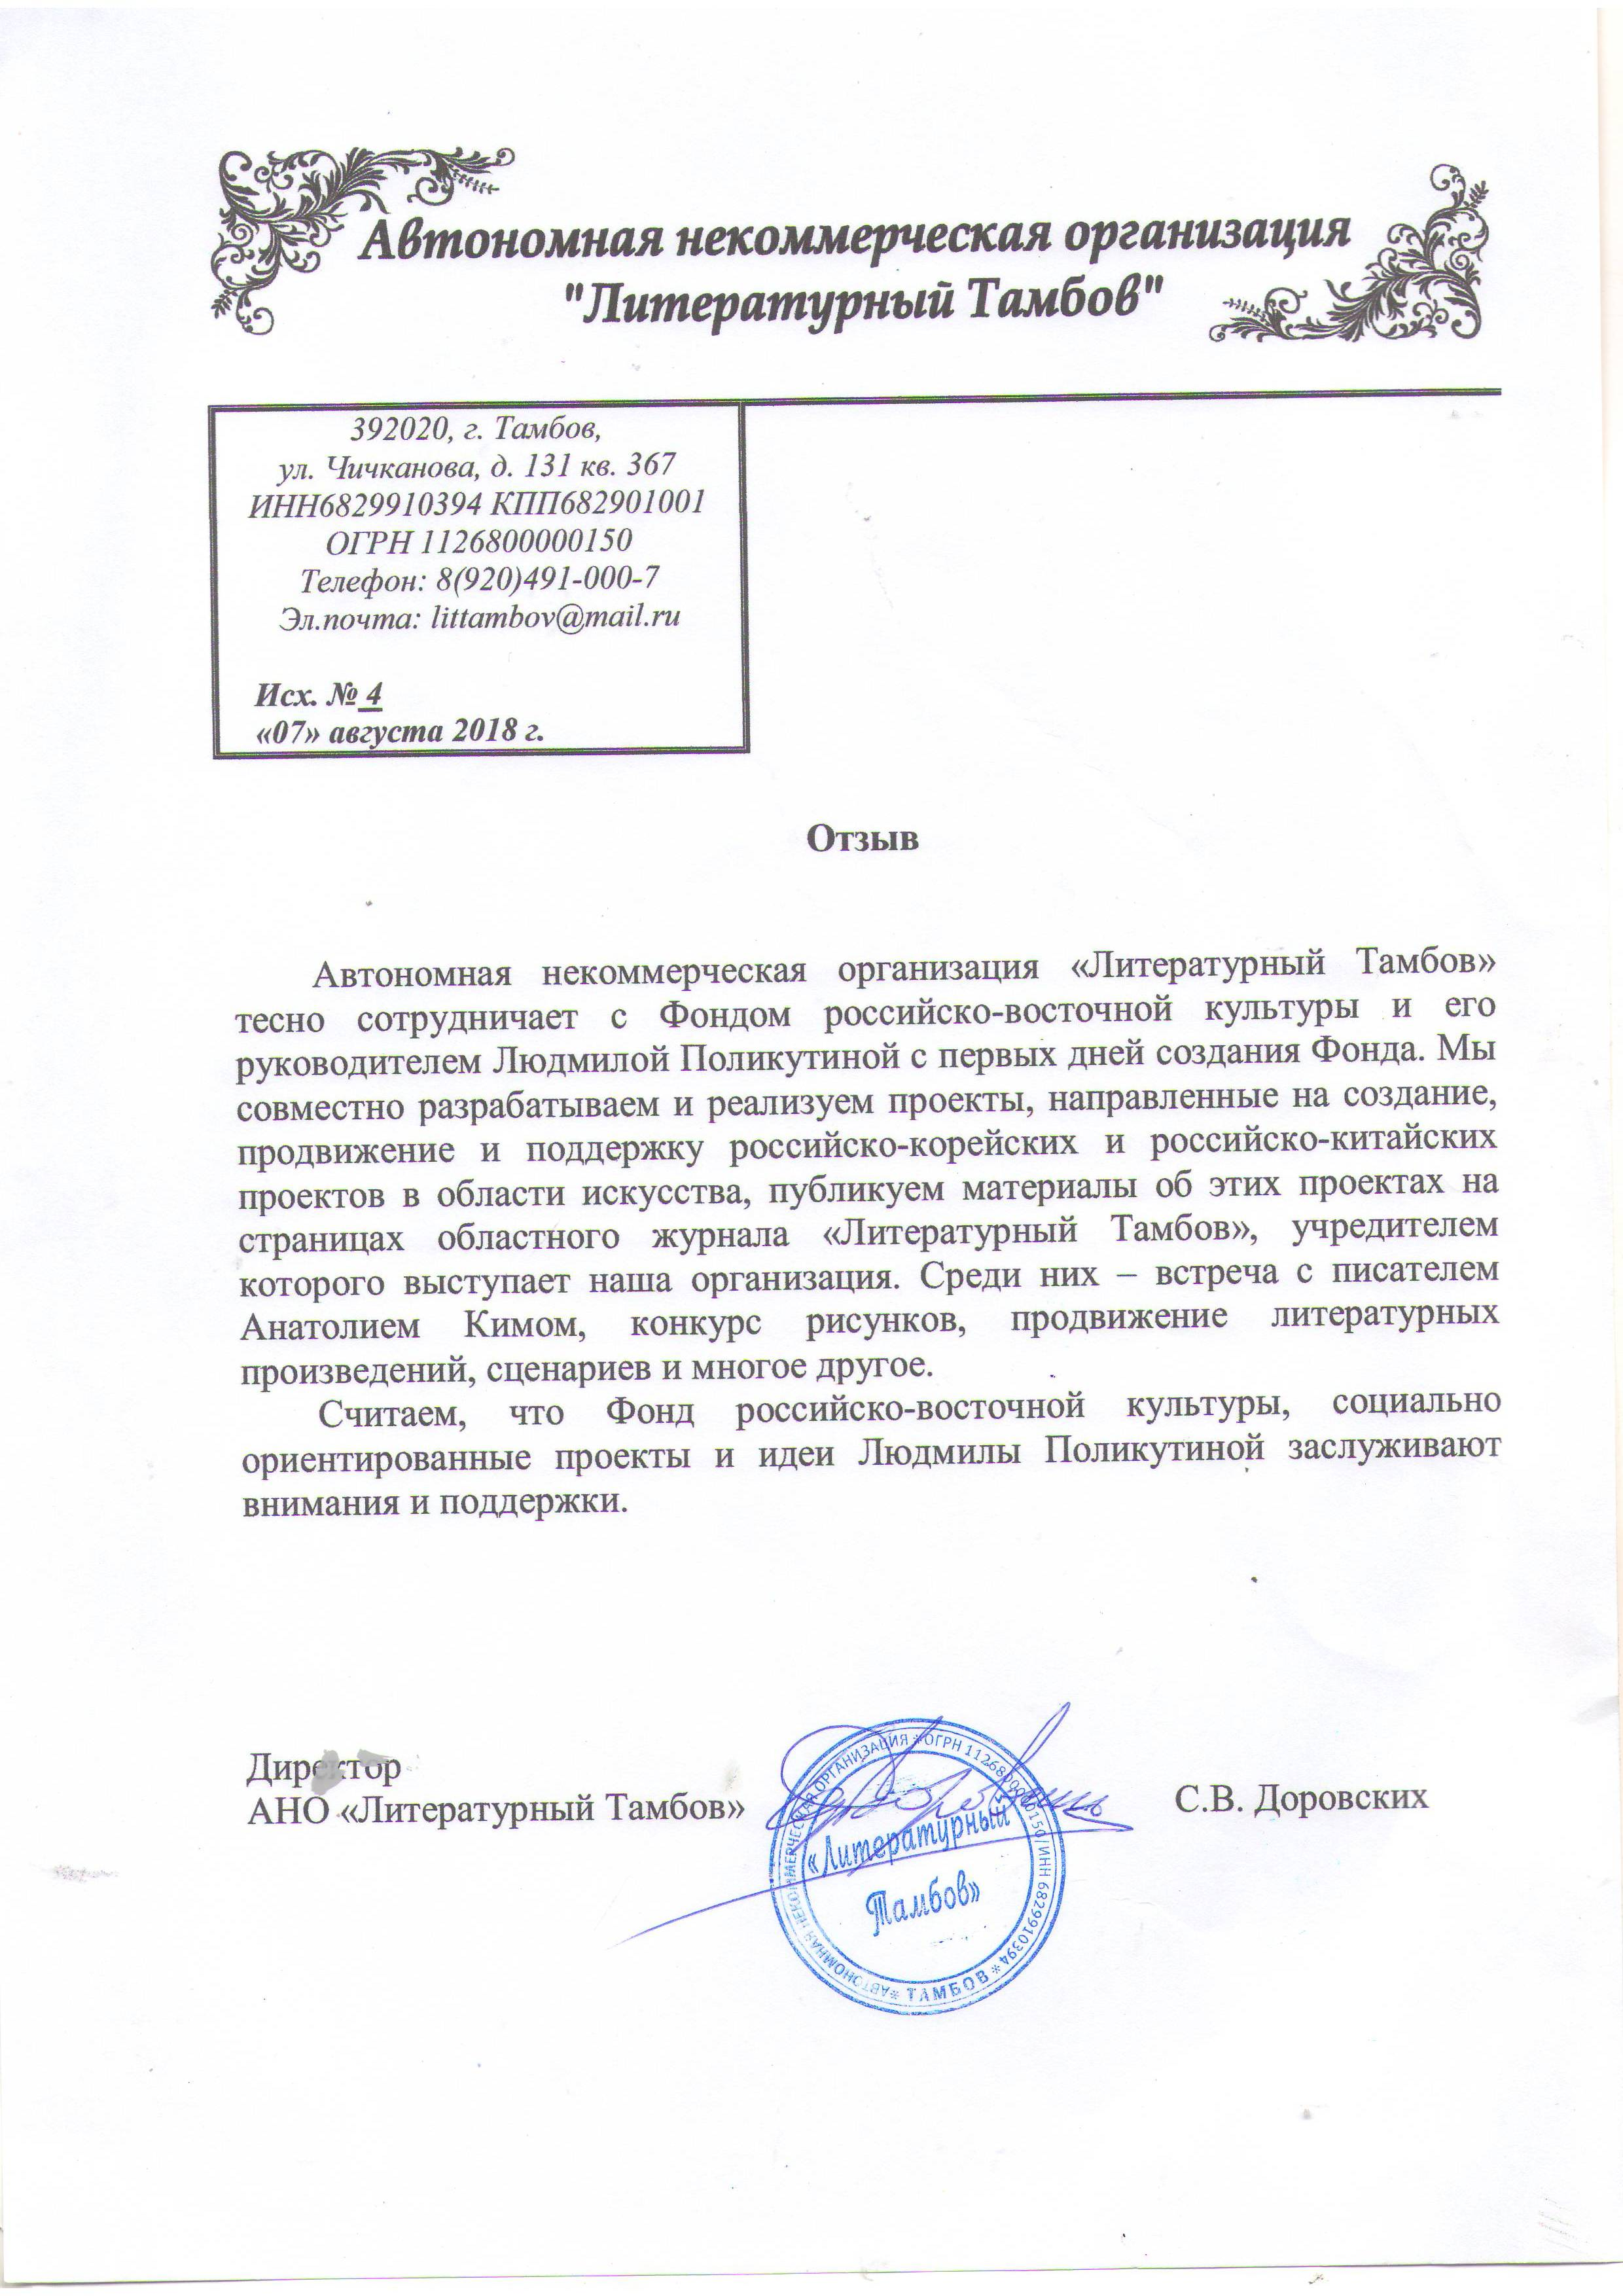 Отзыв_АНО Литературный Тамбов